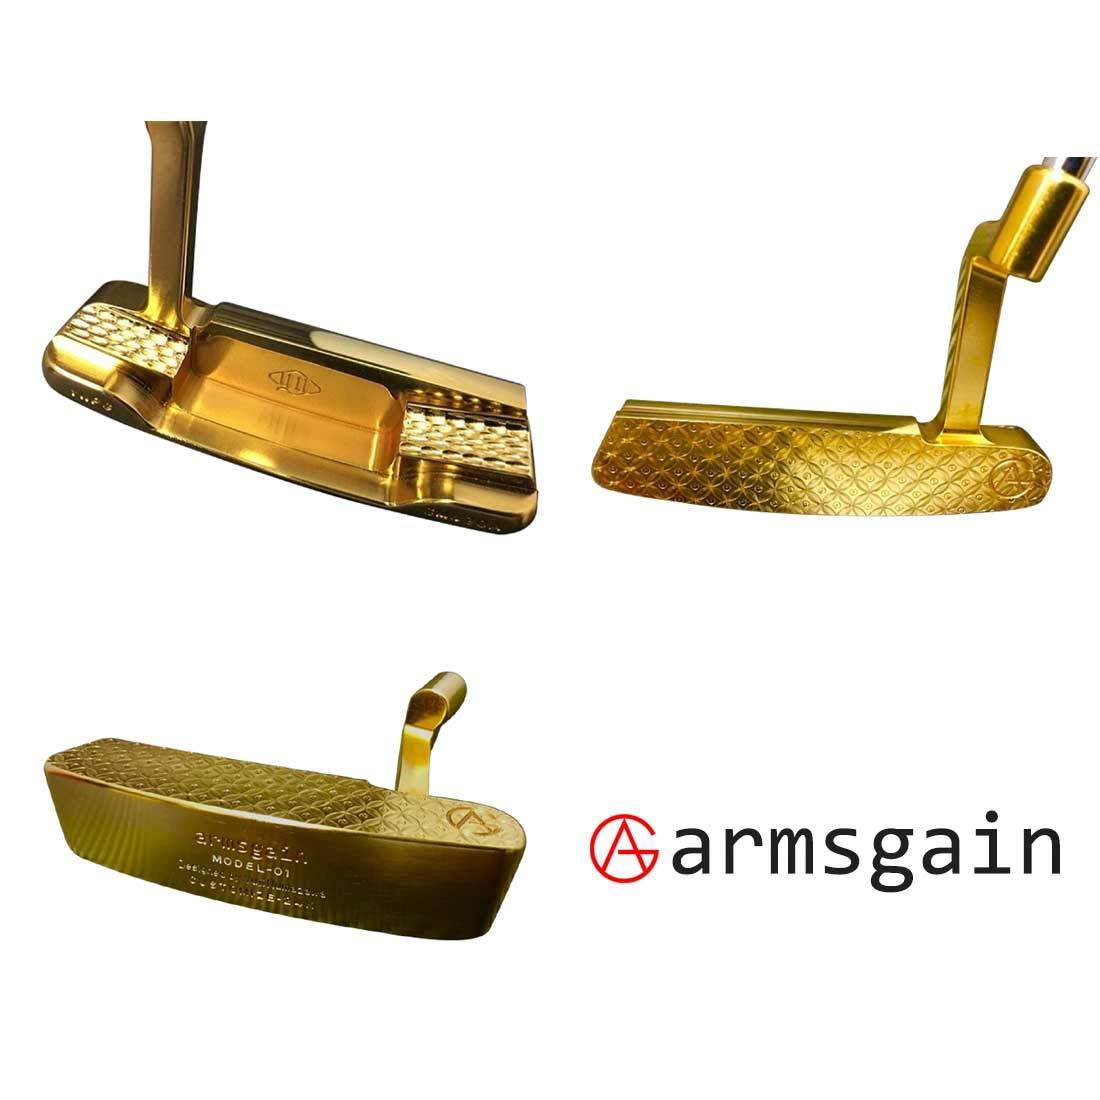 アームスゲイン(armsgain) パター Model-01【クランクネックタイプ】 SM490A 純金24kコーティング仕様 33インチ パター